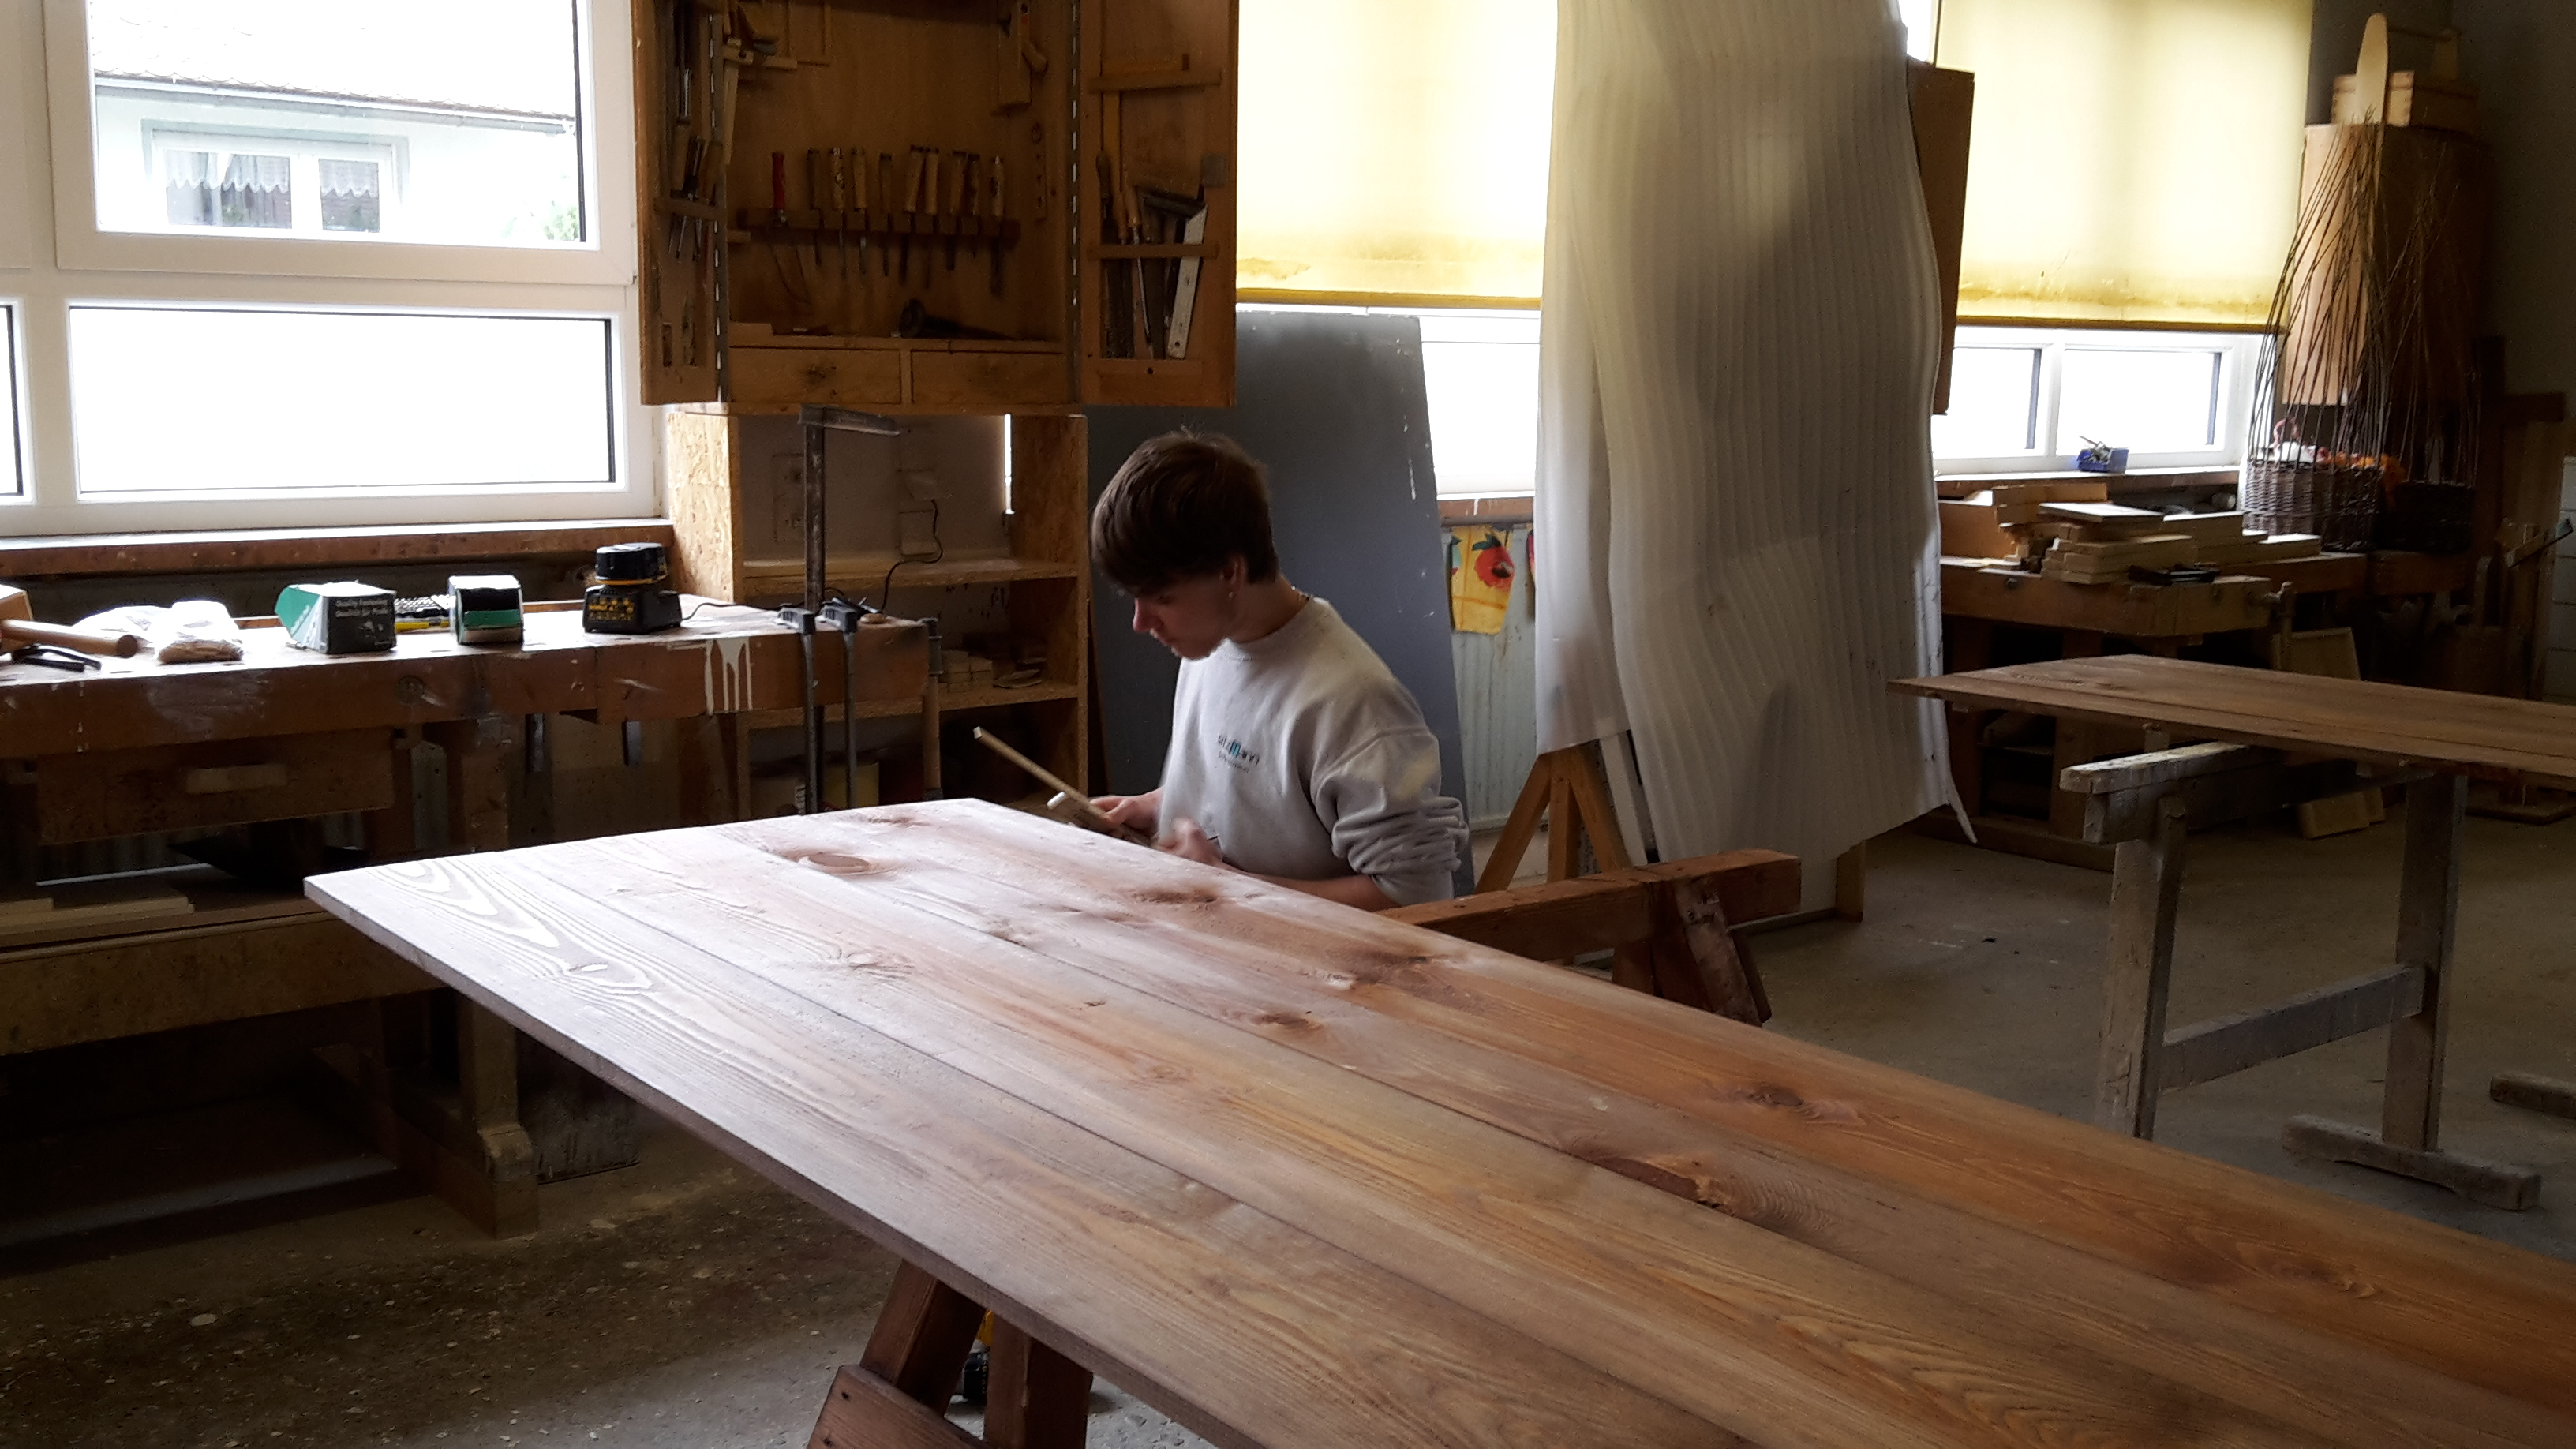 Marcel in der Schreinerei hoch konzentriert beim Bohren der Dübellöcher